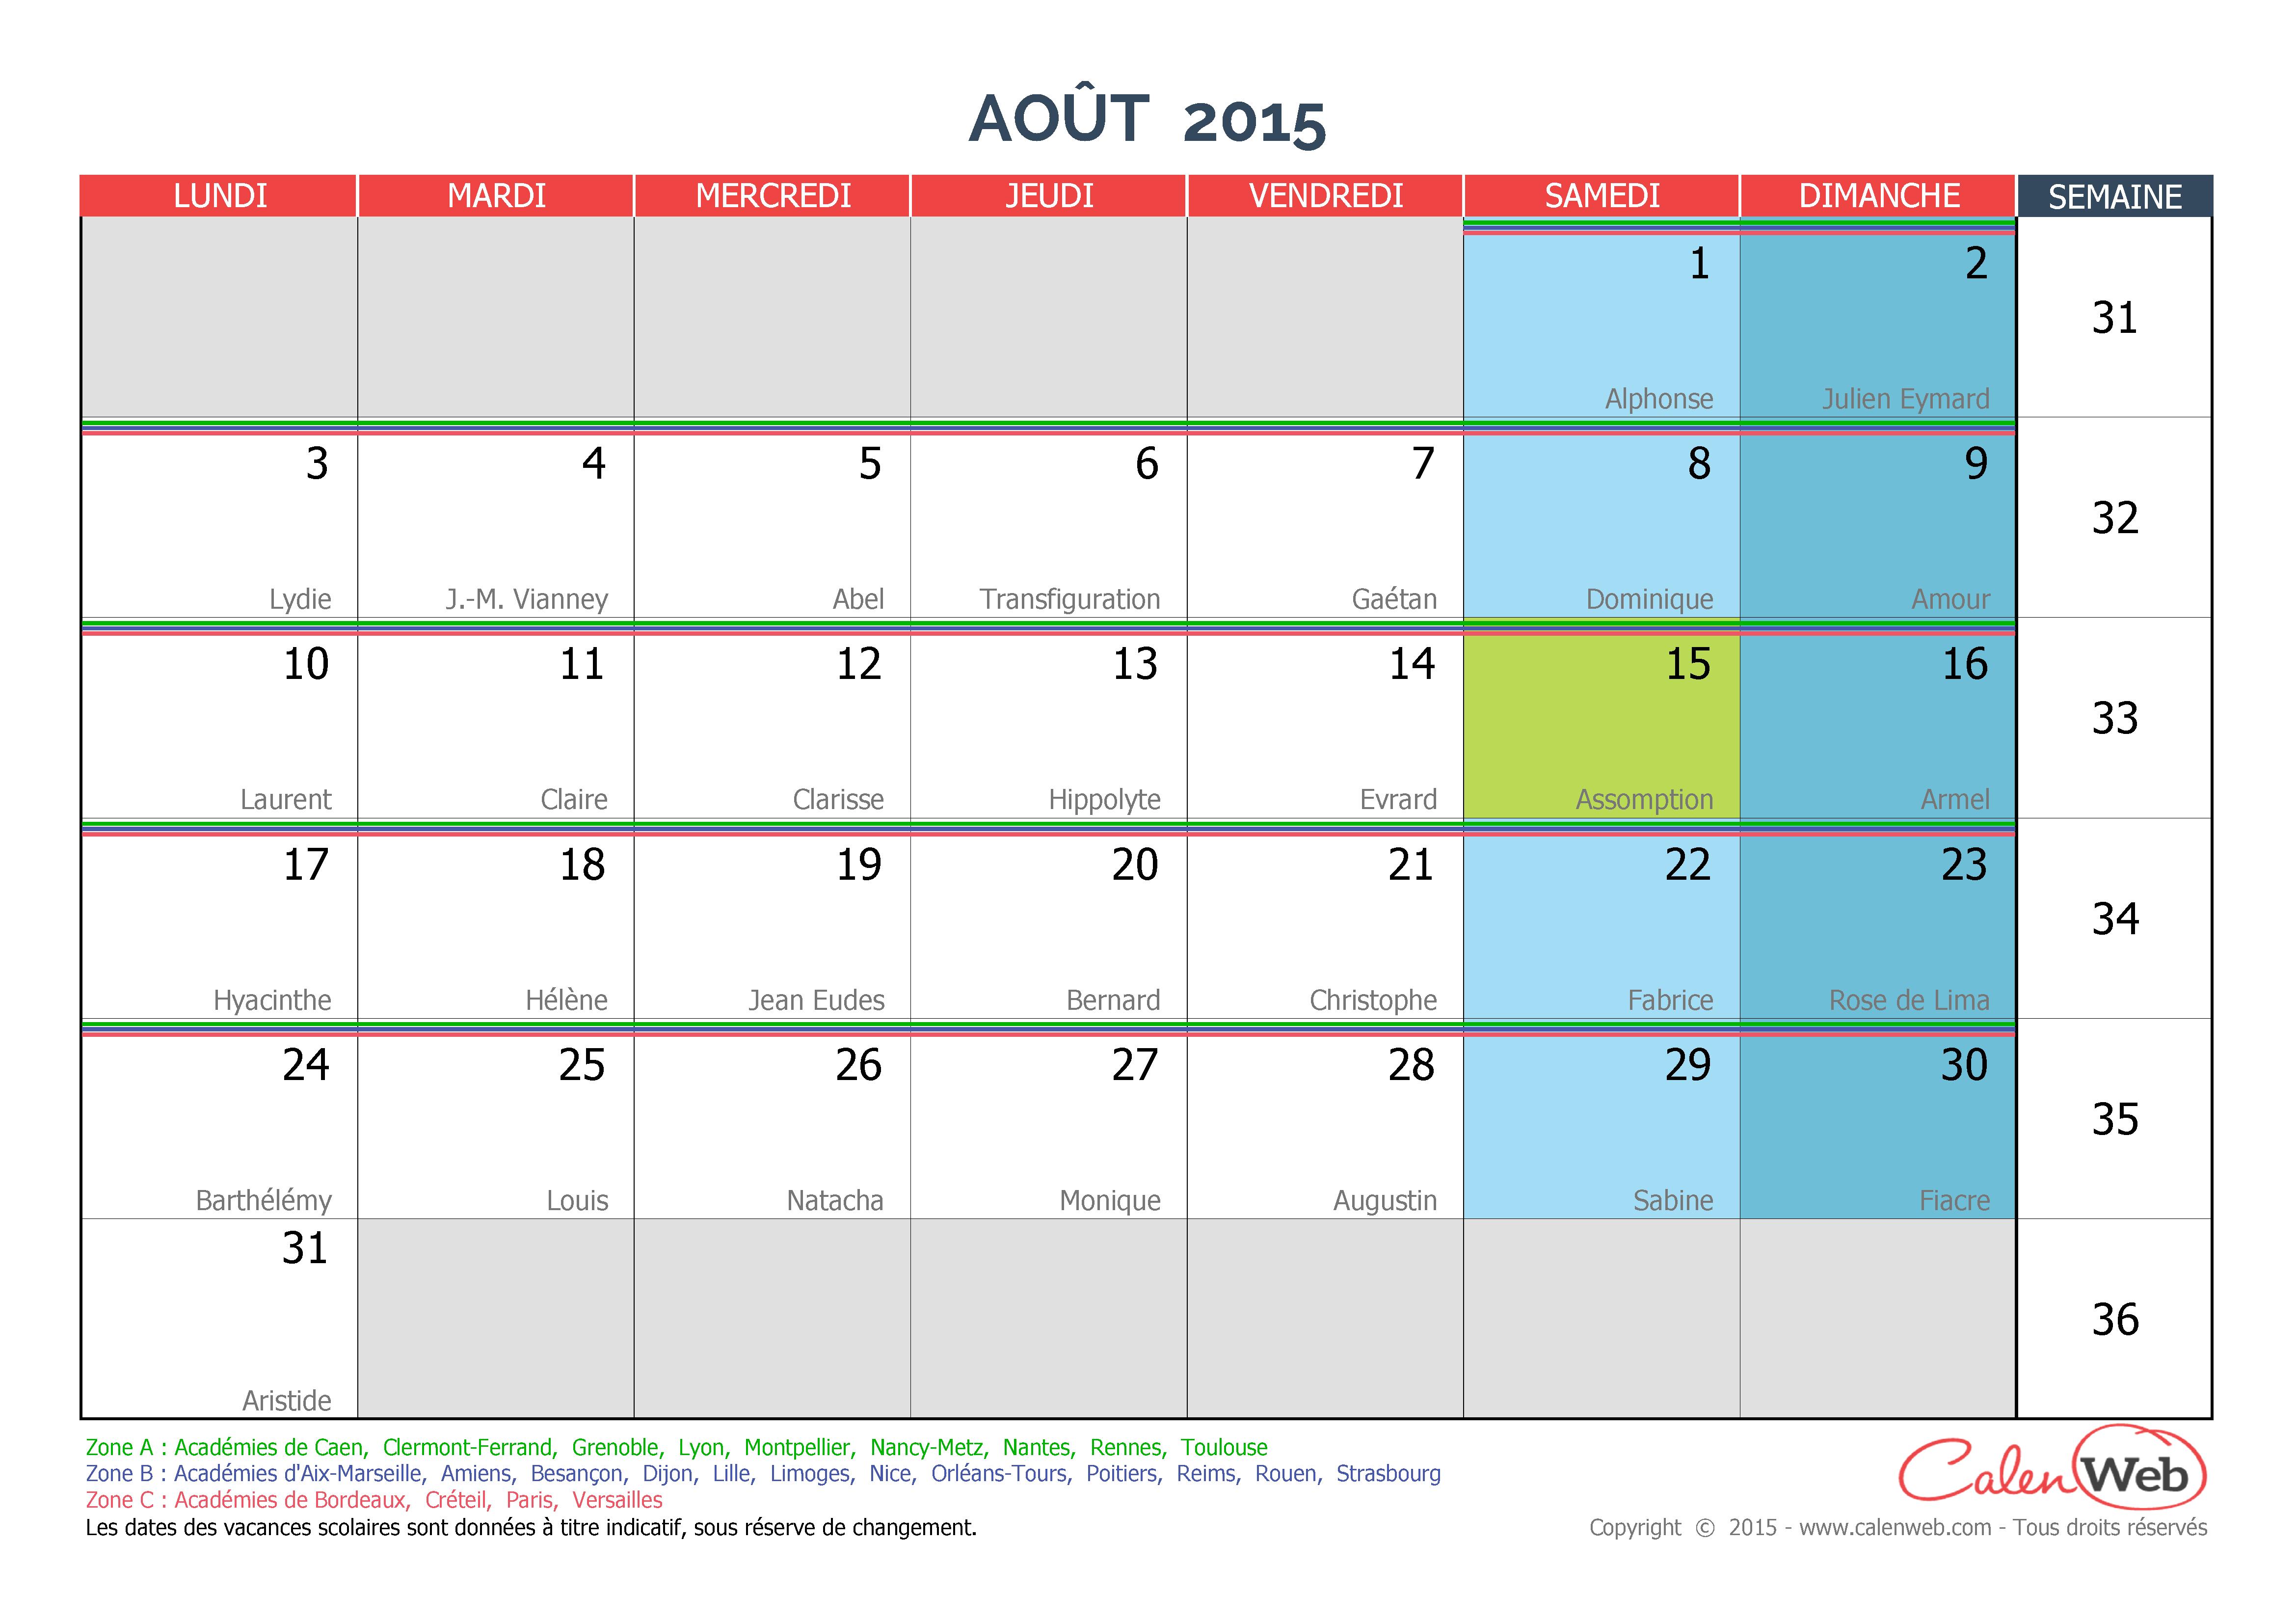 calendrier mensuel mois d 39 ao t 2015 avec f tes jours f ri s et vacances scolaires. Black Bedroom Furniture Sets. Home Design Ideas